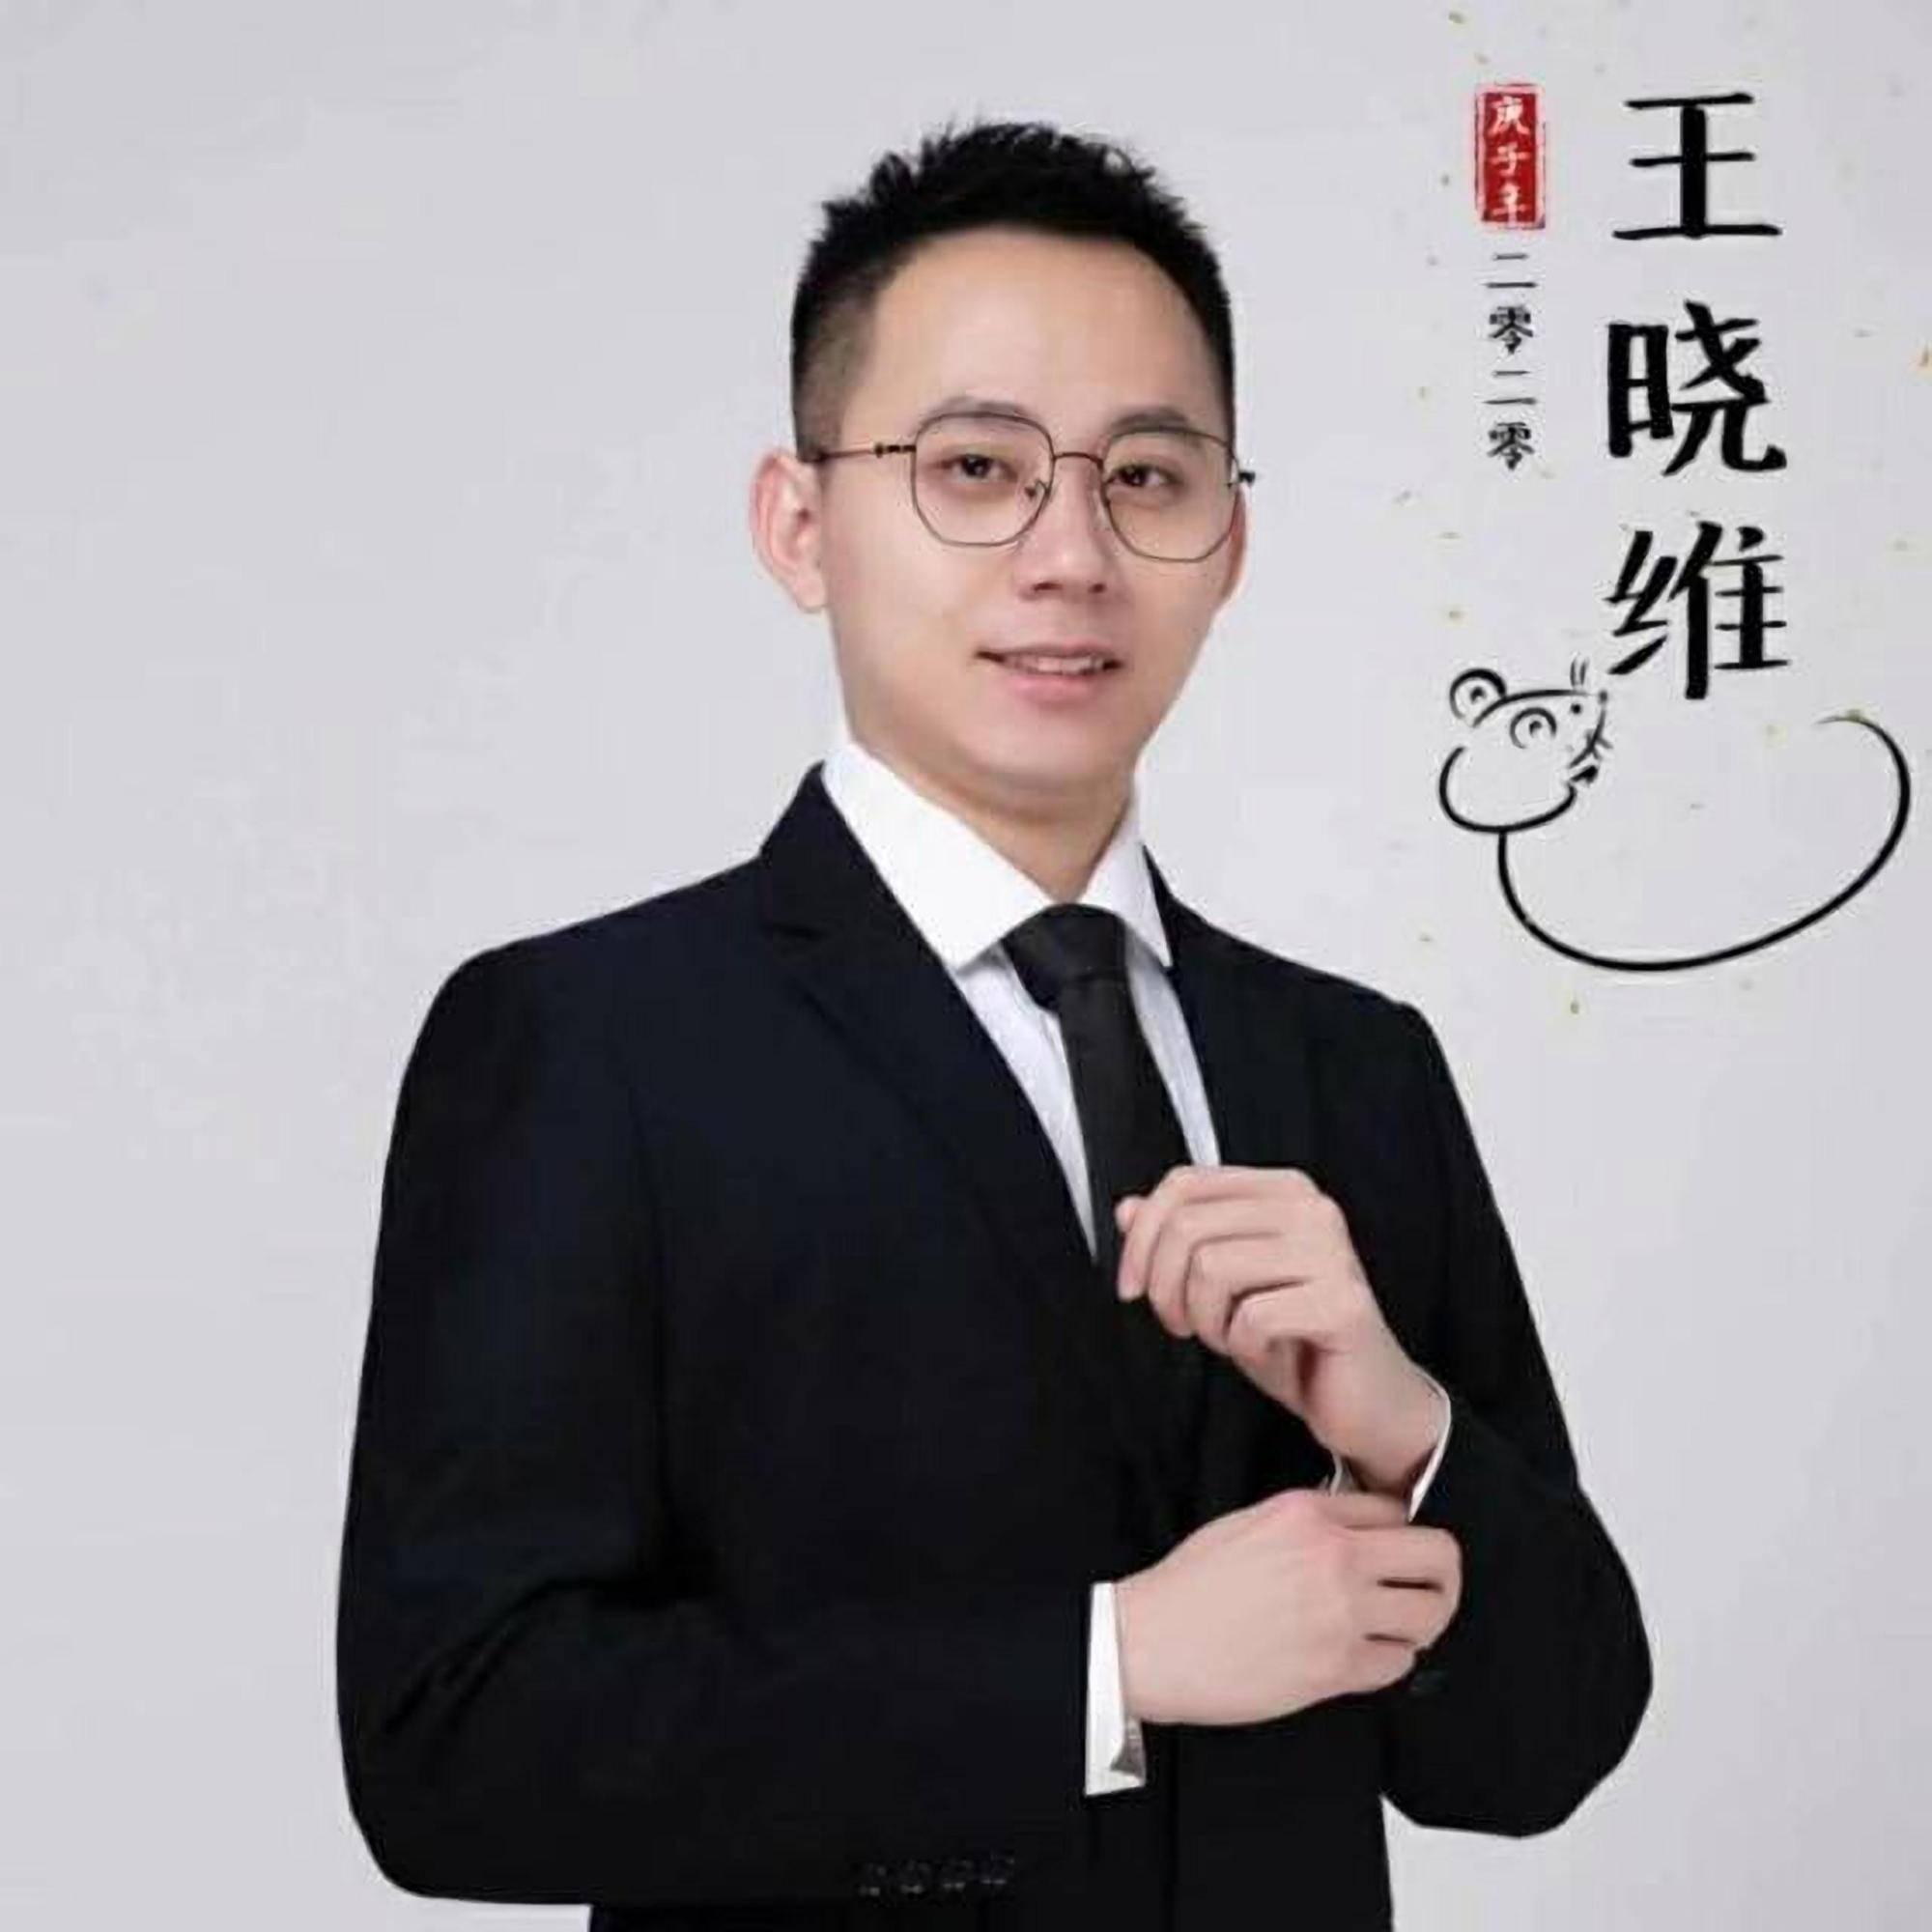 【晓维说法硕】中南财经政法大学379分,这一套方法很迅猛